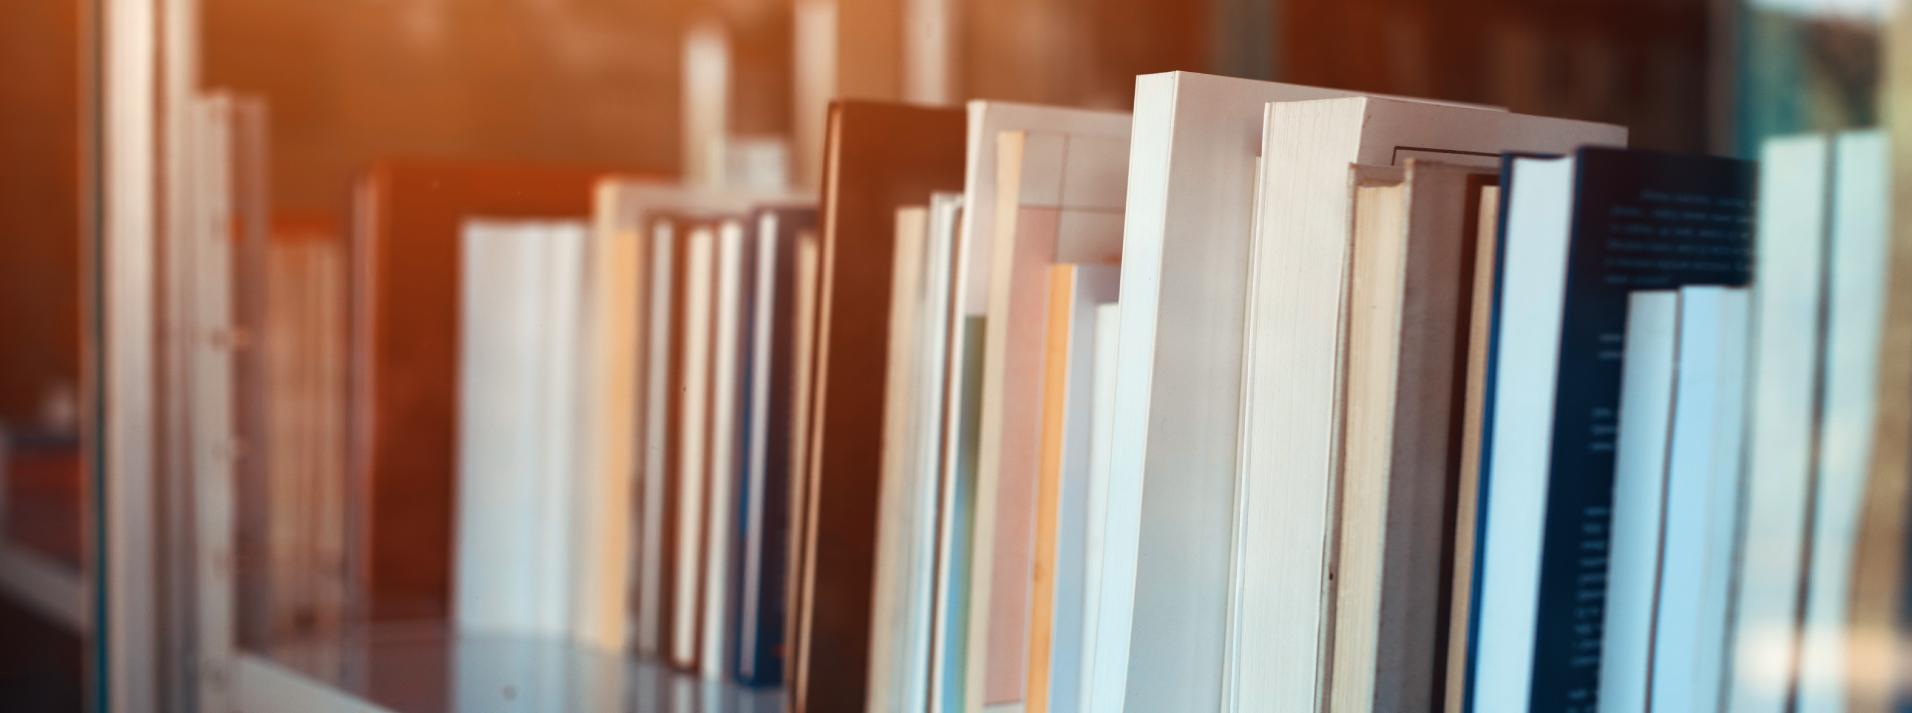 Cărți bune de citit în vacanță și concediu